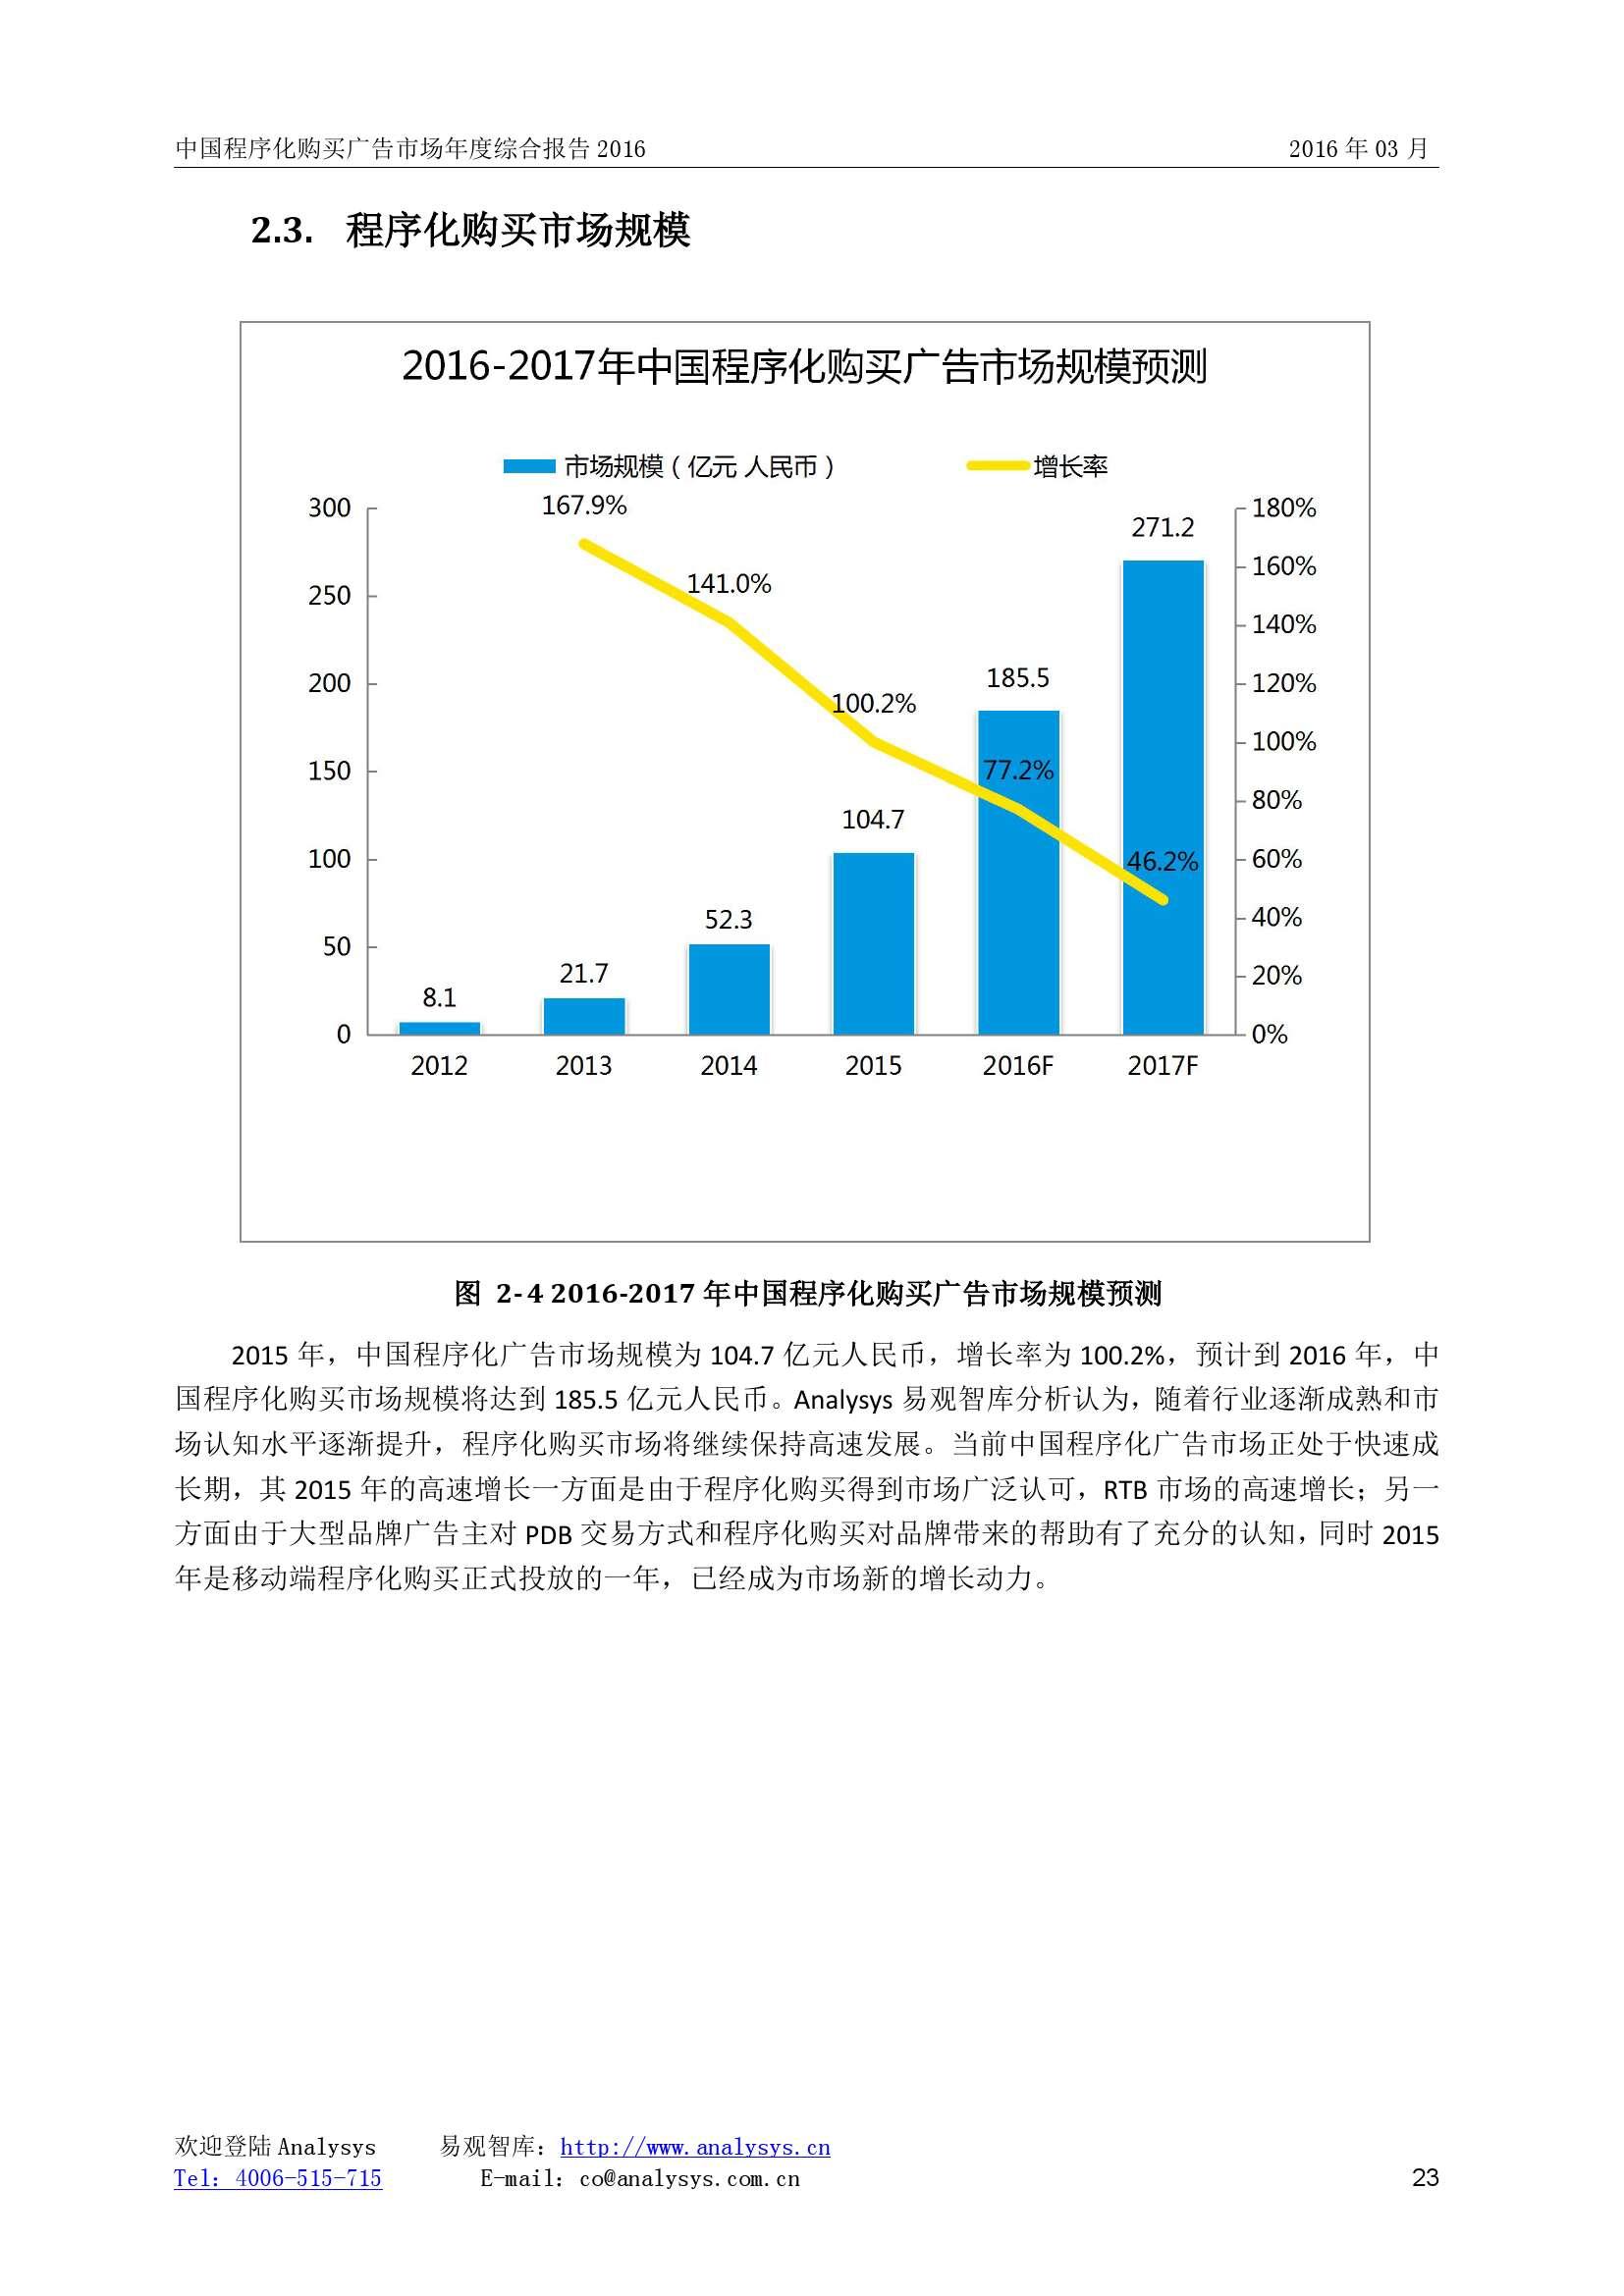 中国程序化购买广告市场年度综合报告2016_000023